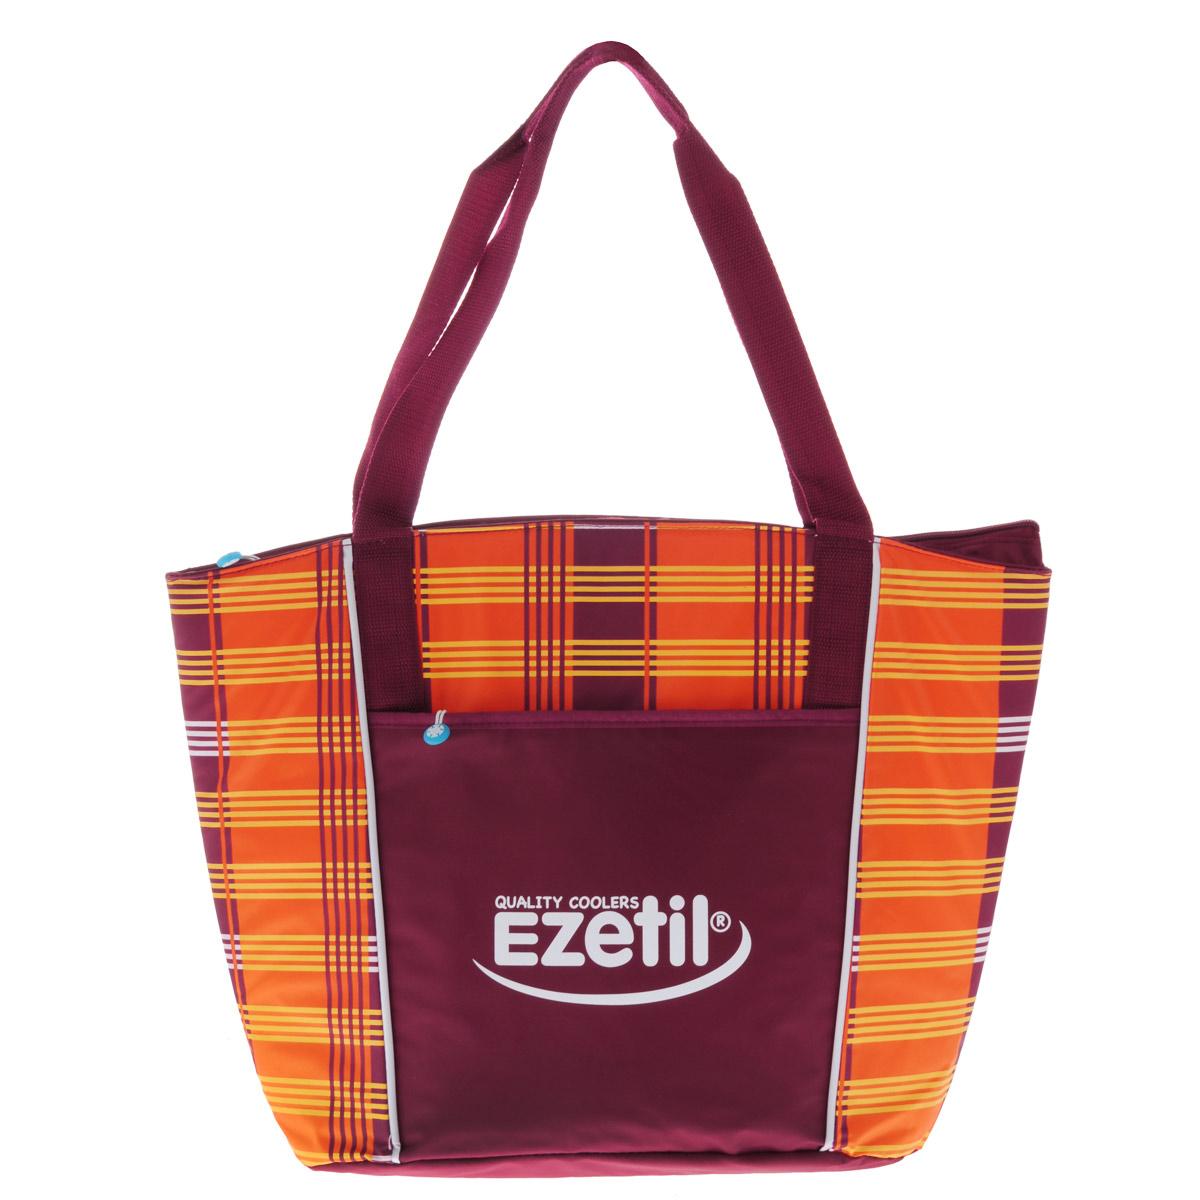 Сумка-холодильник Ezetil KC Lifestyle, цвет: оранжевый, бордовый, 25 л сумка холодильник ezetil kc holiday цвет голубой 17 л